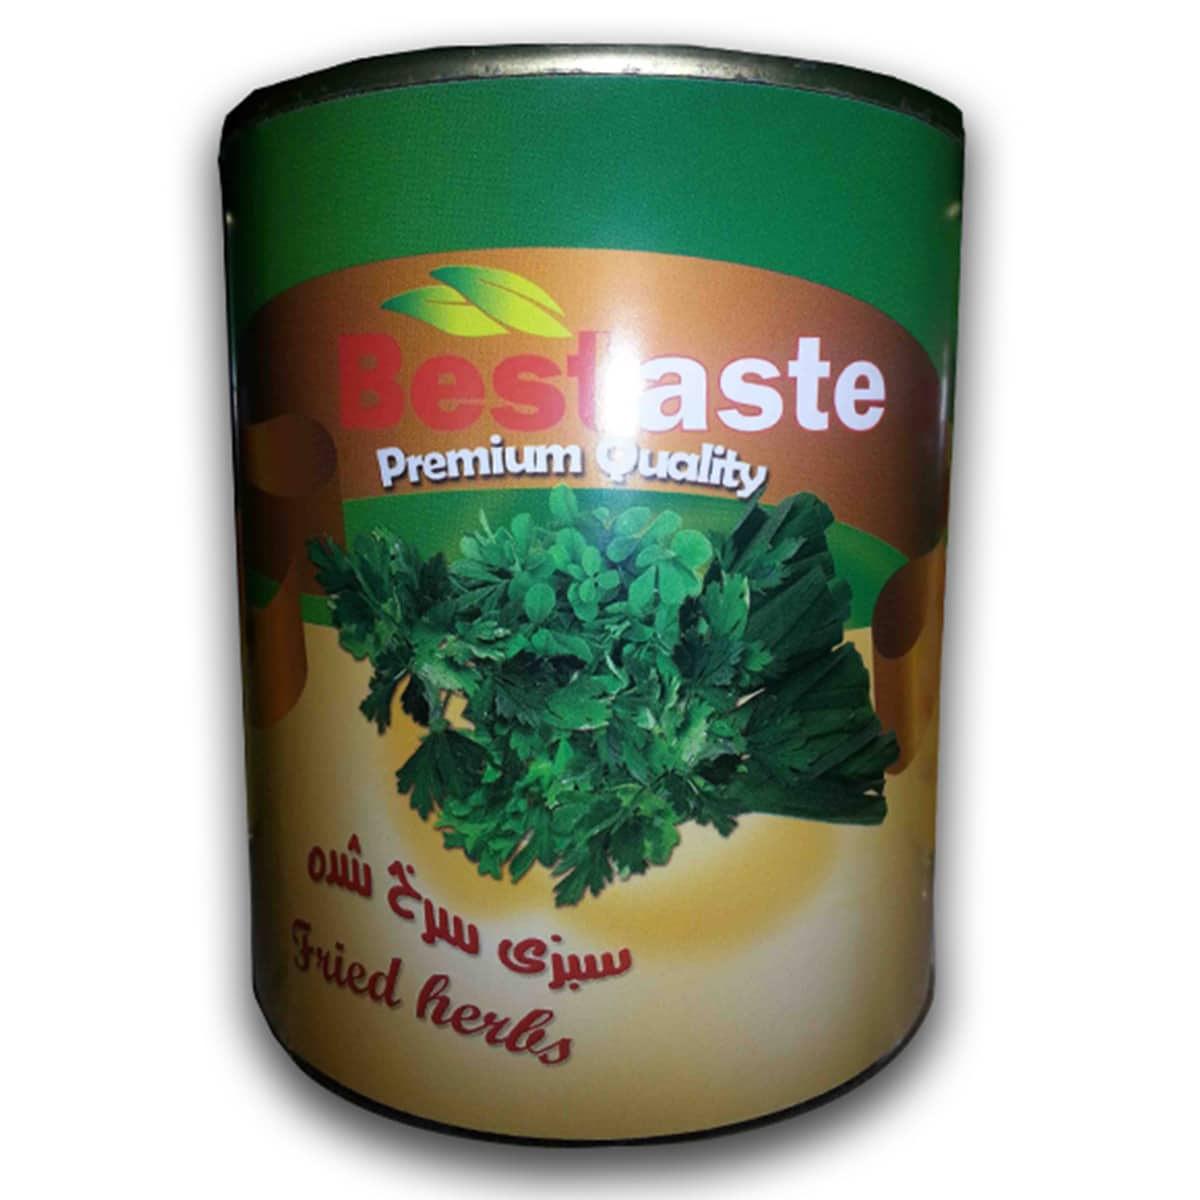 Buy Bestaste Fried Herbs - 900 gm